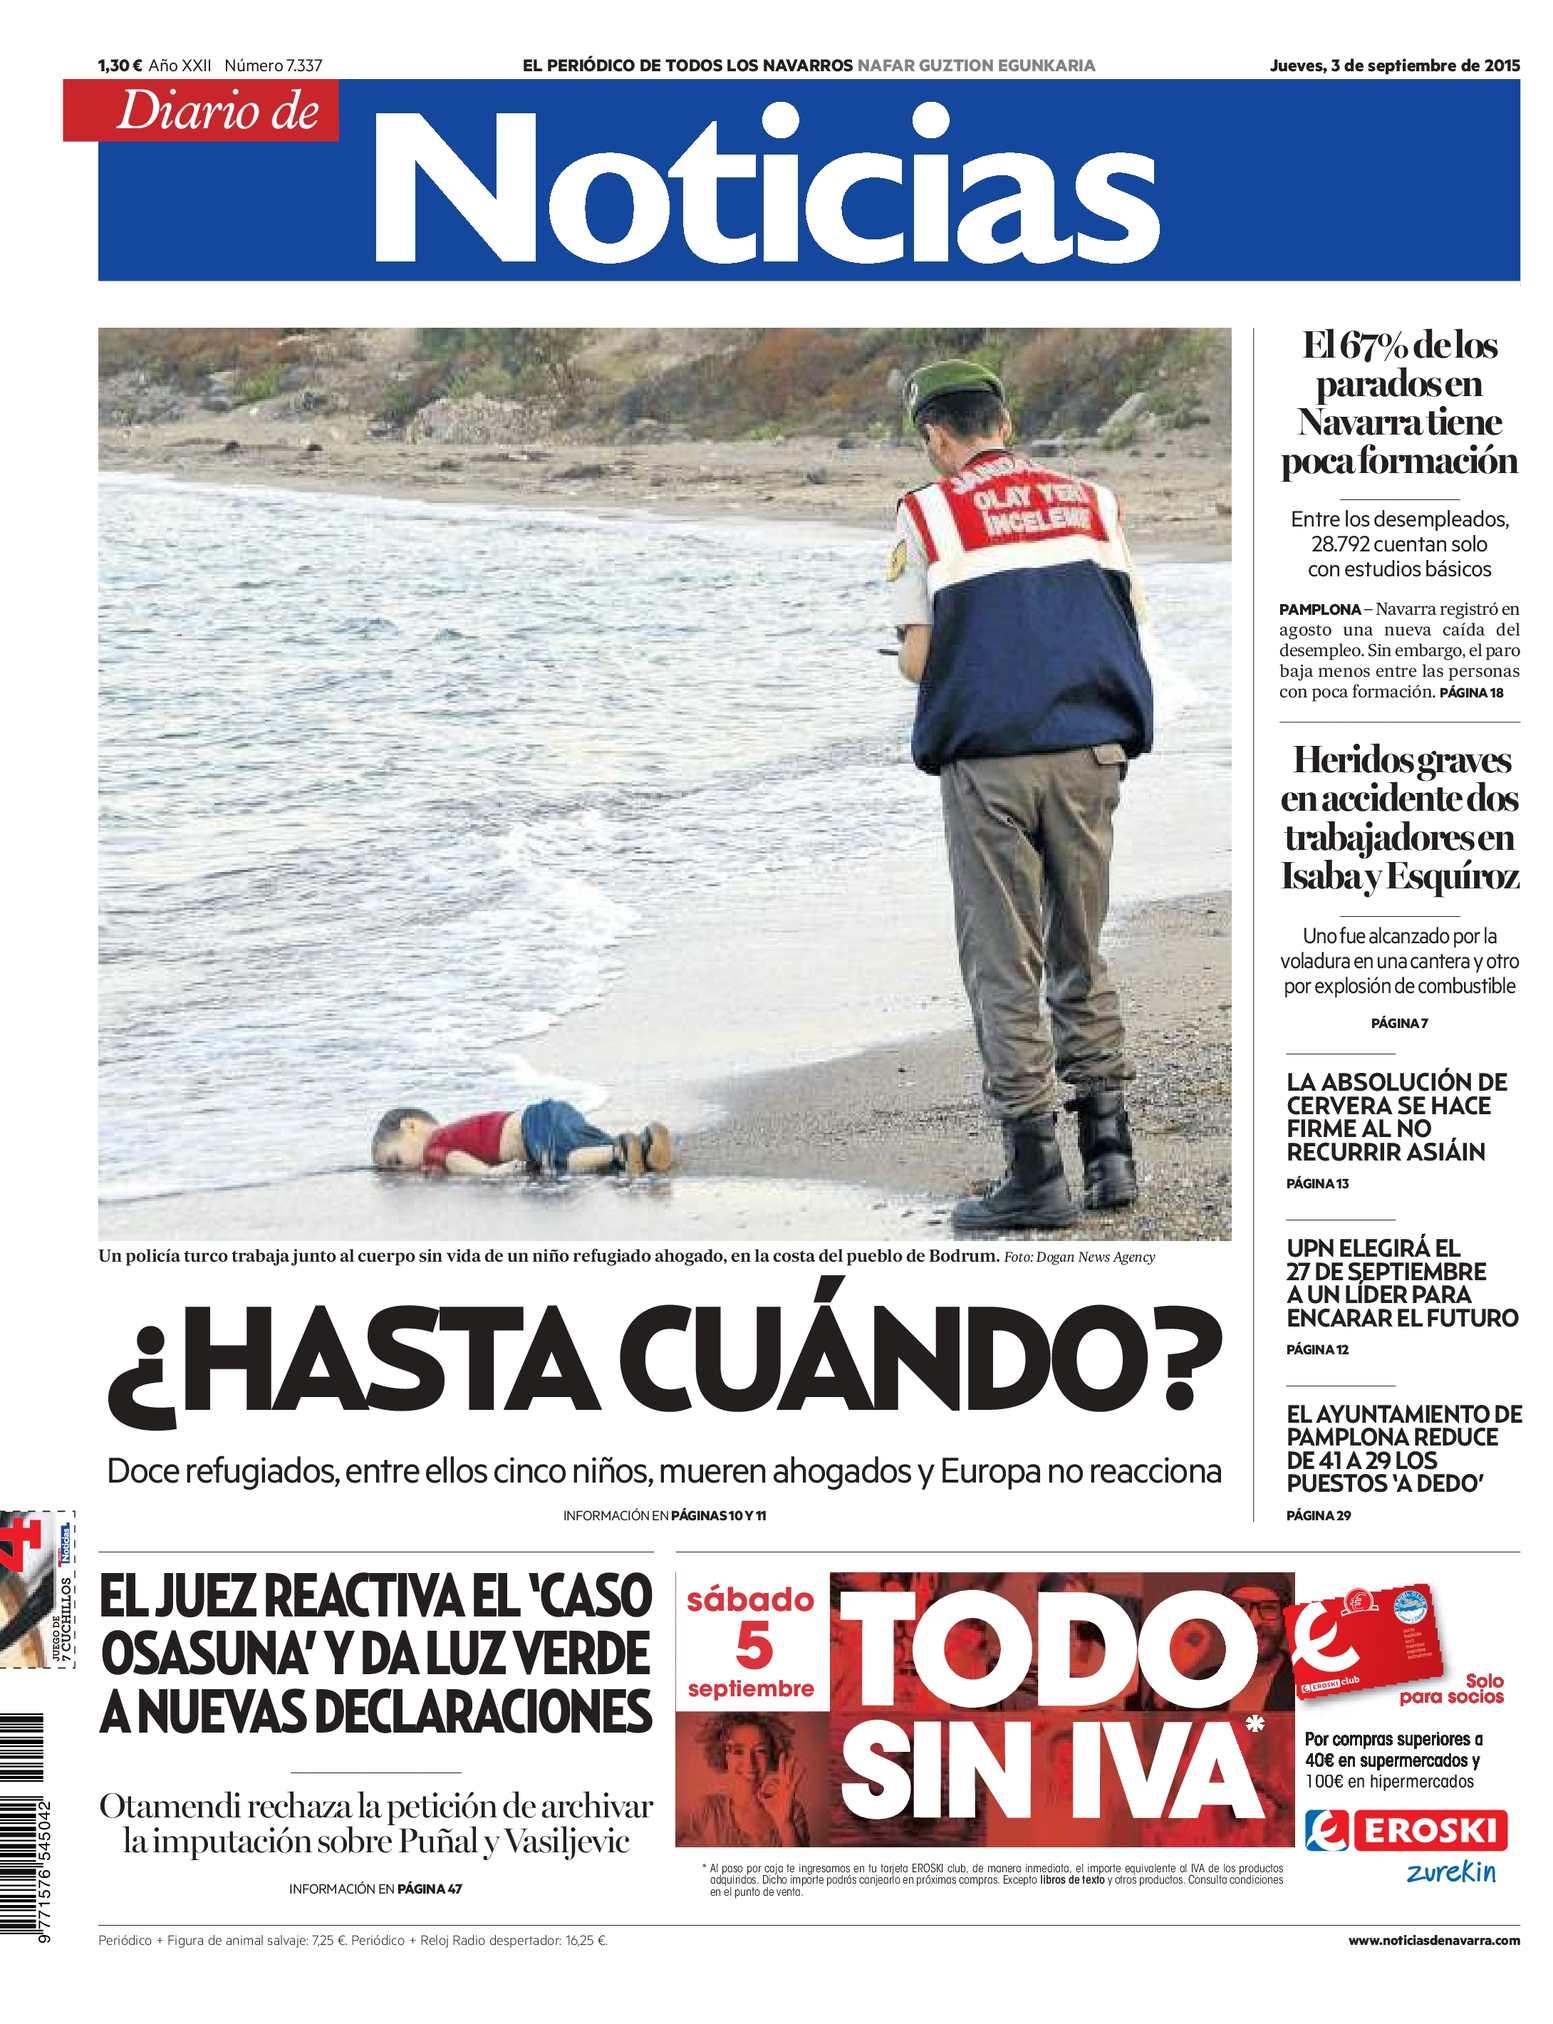 Calaméo - Diario de Noticias 20150903 396860e044e3